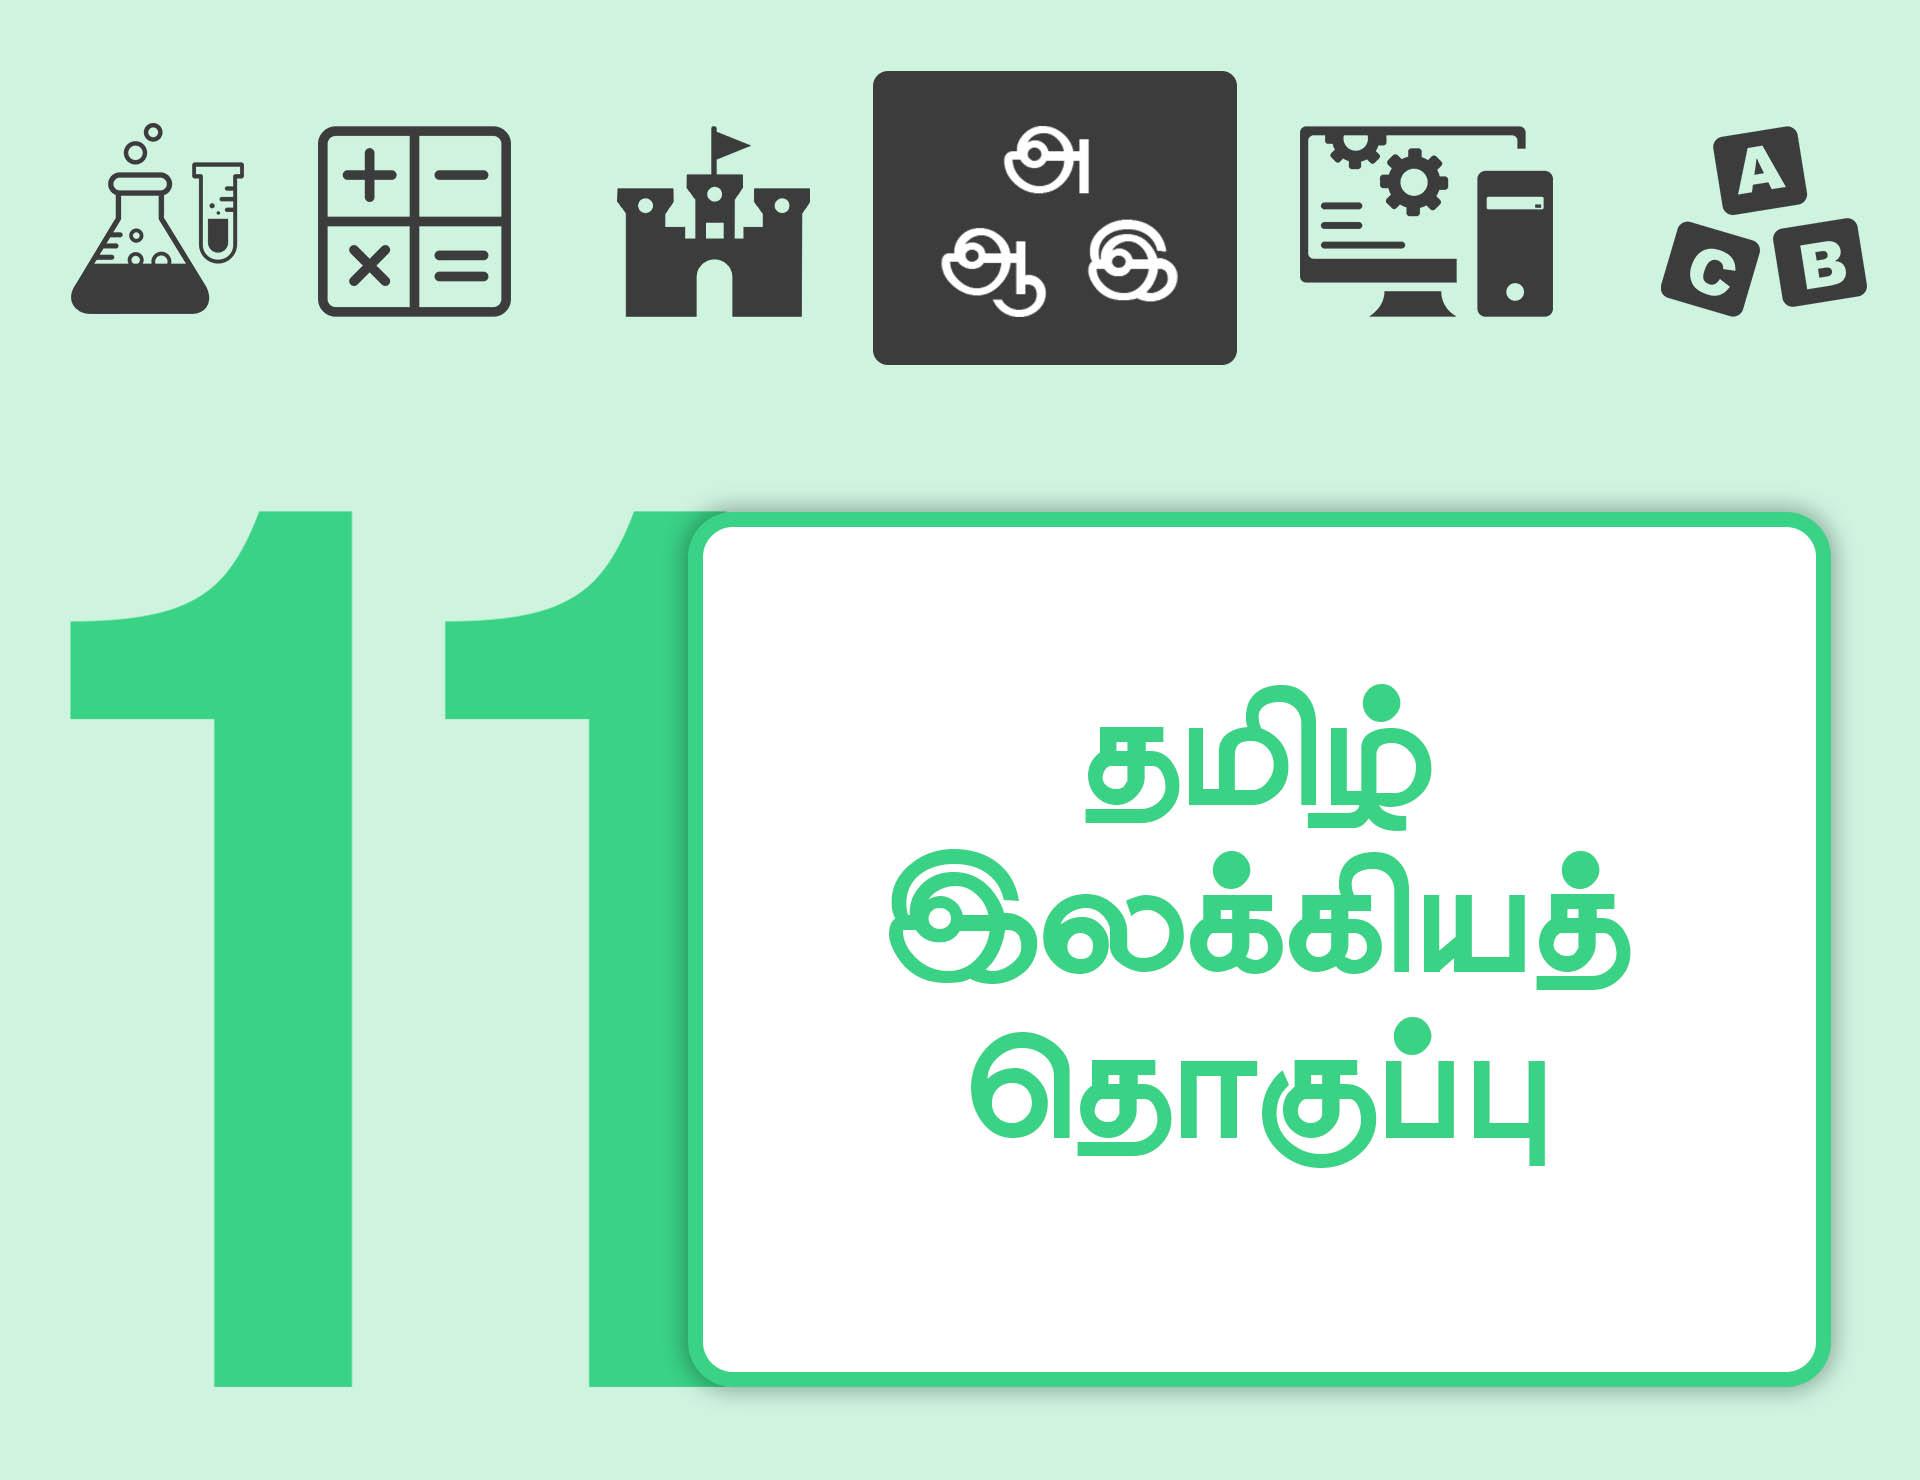 தரம் 11  தமிழ் இலக்கியத் தொகுப்பு